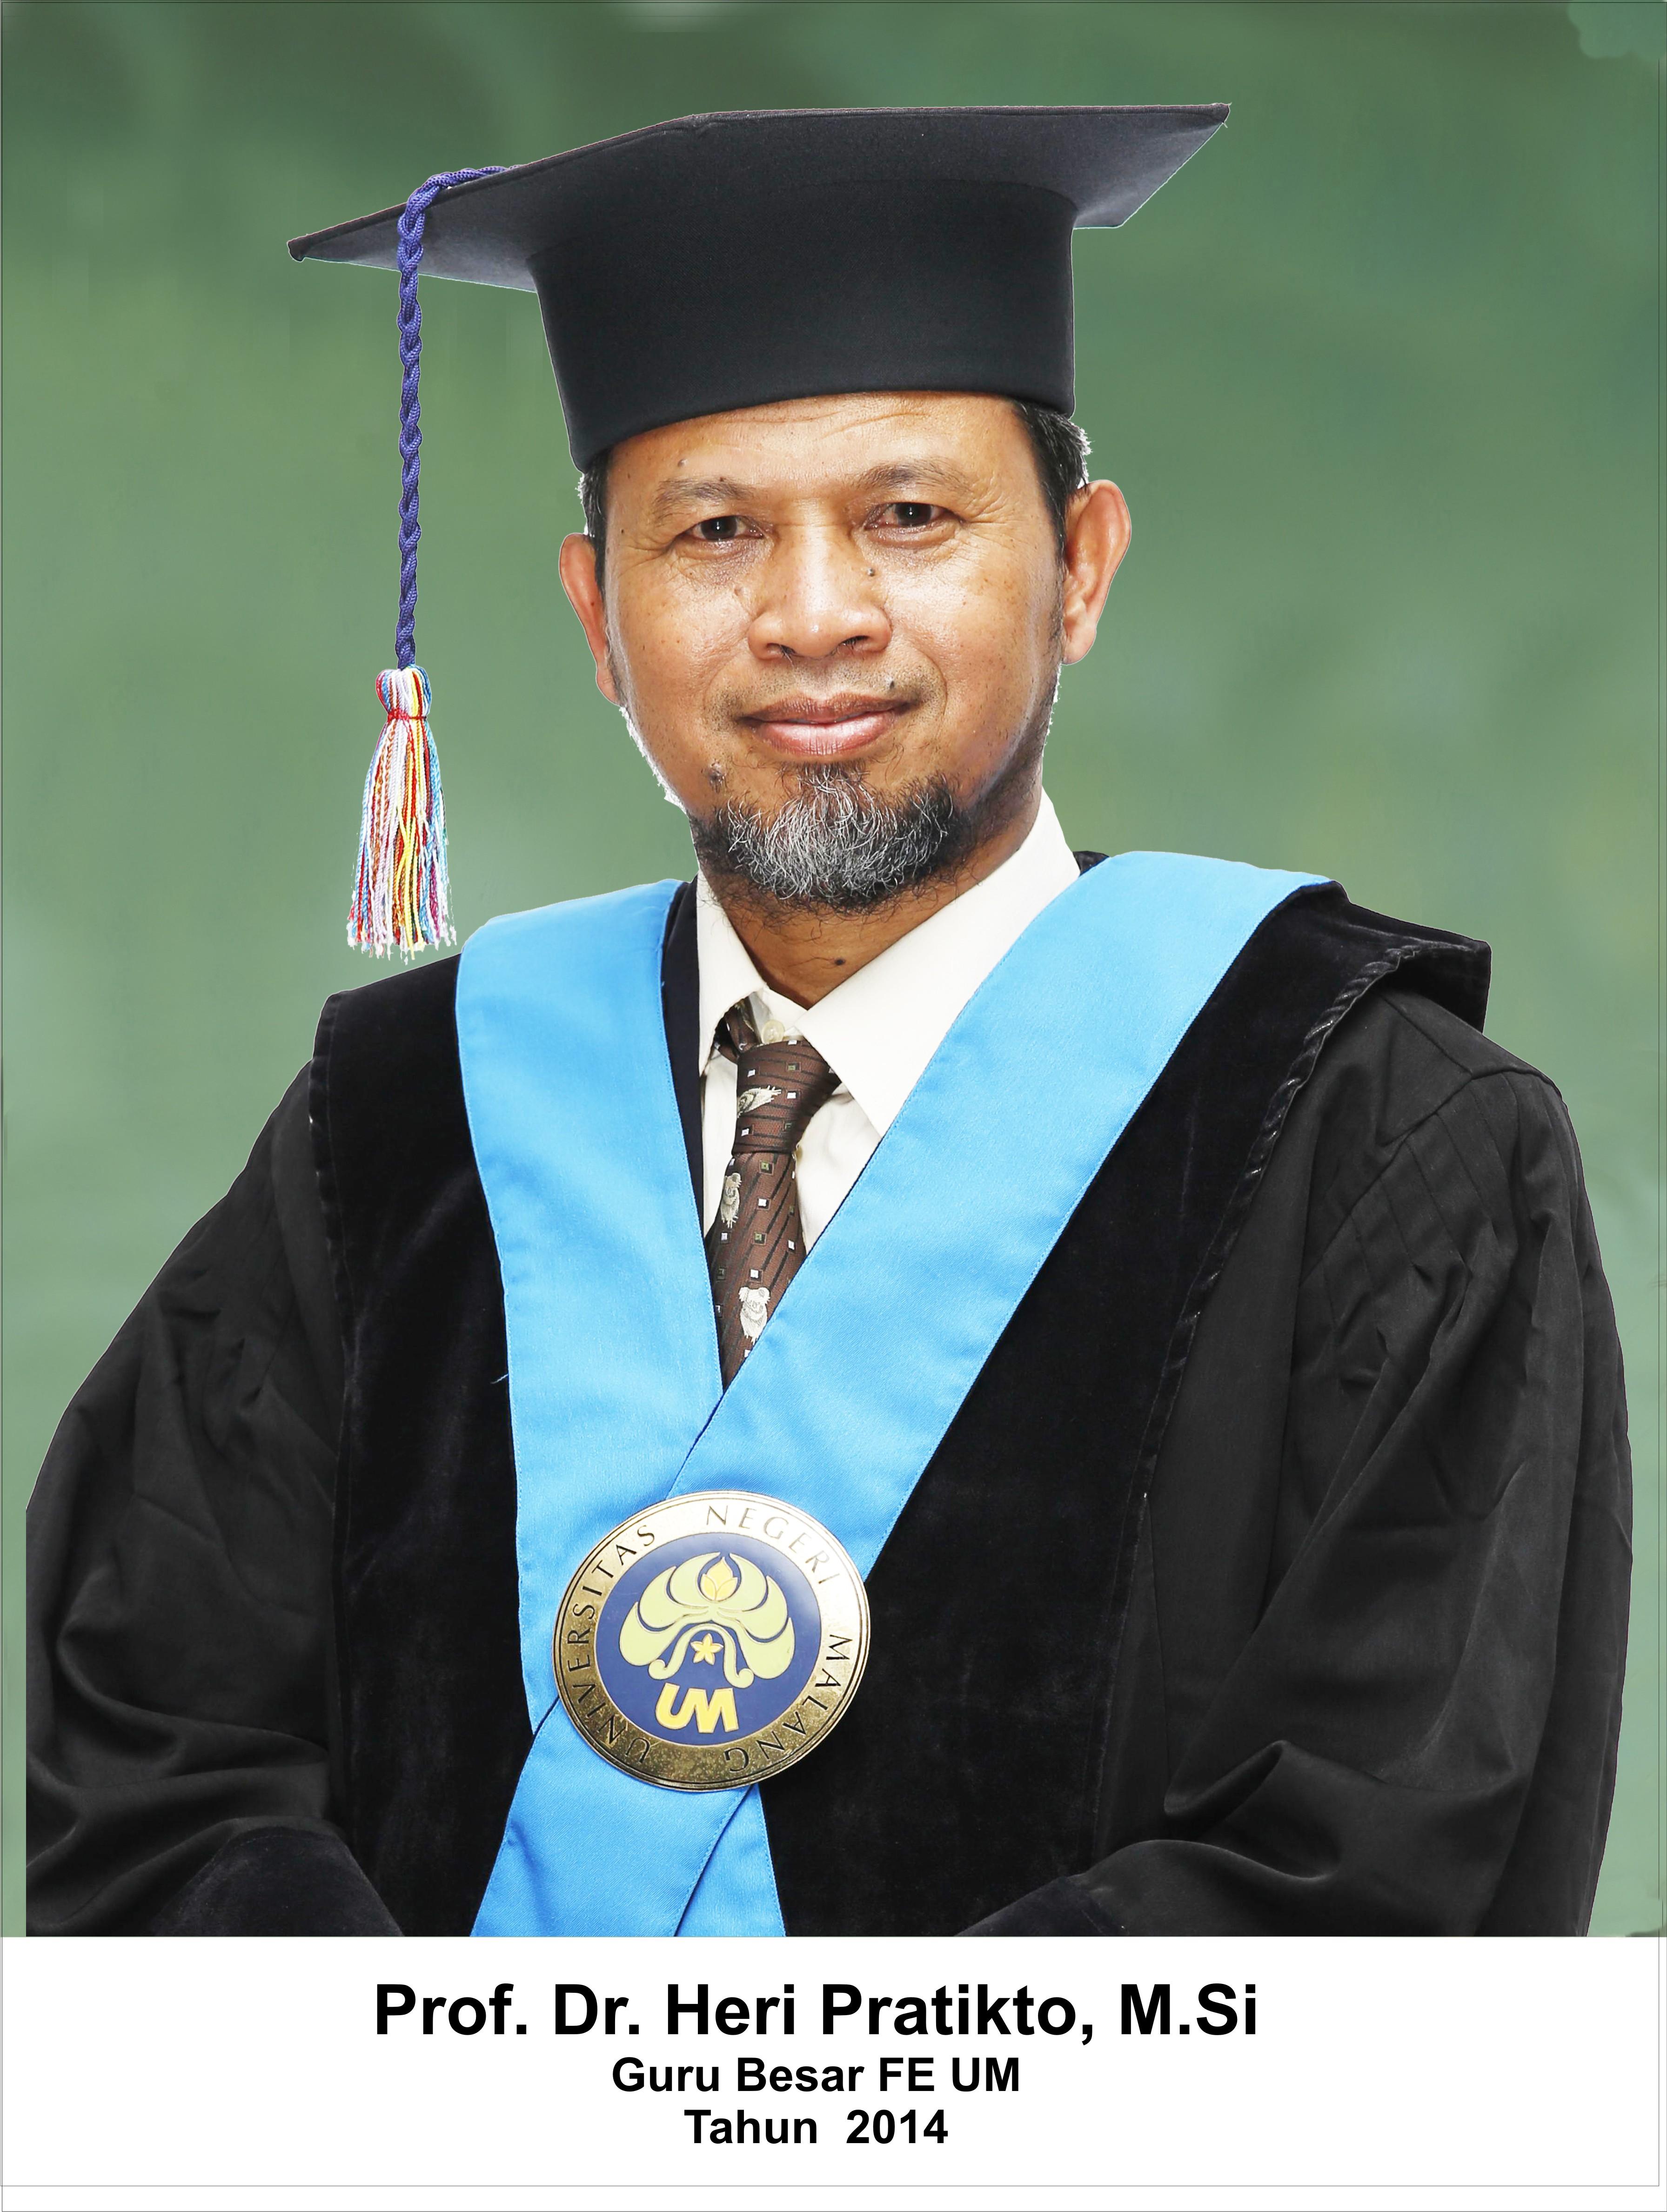 Prof. Dr. Heri Pratikto, M.Pd